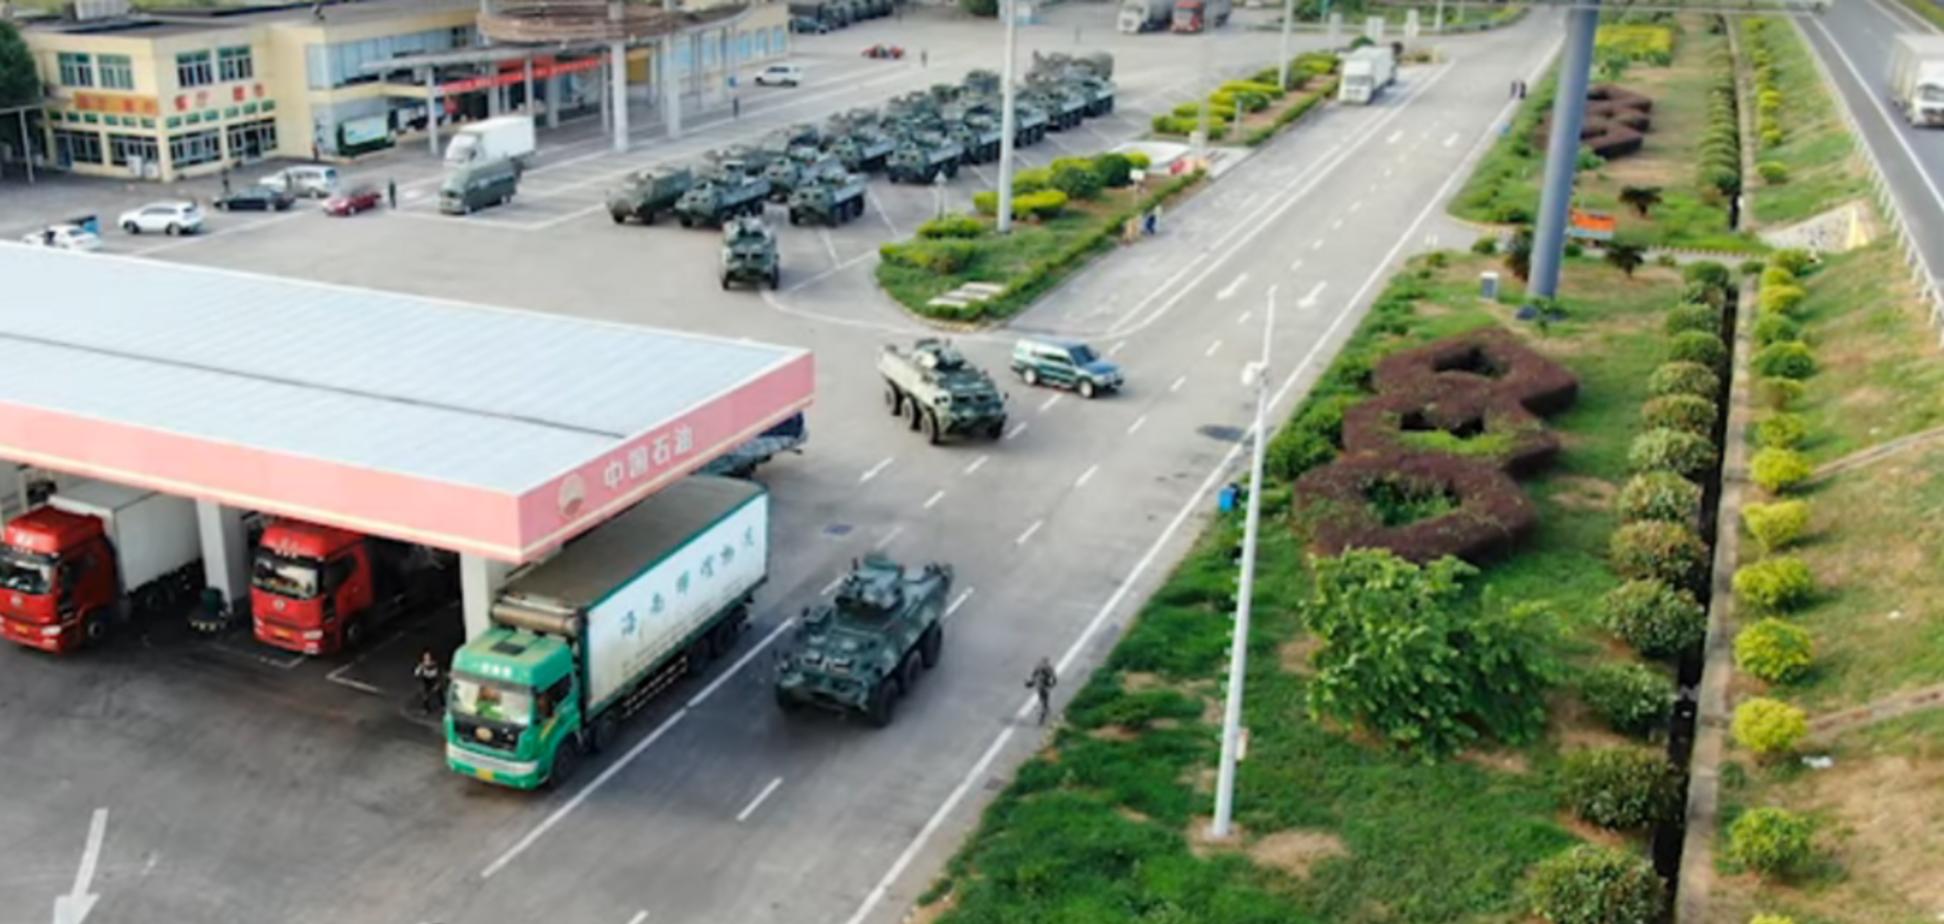 Китай стягнув армію до повсталого Гонконгу: що відбувається